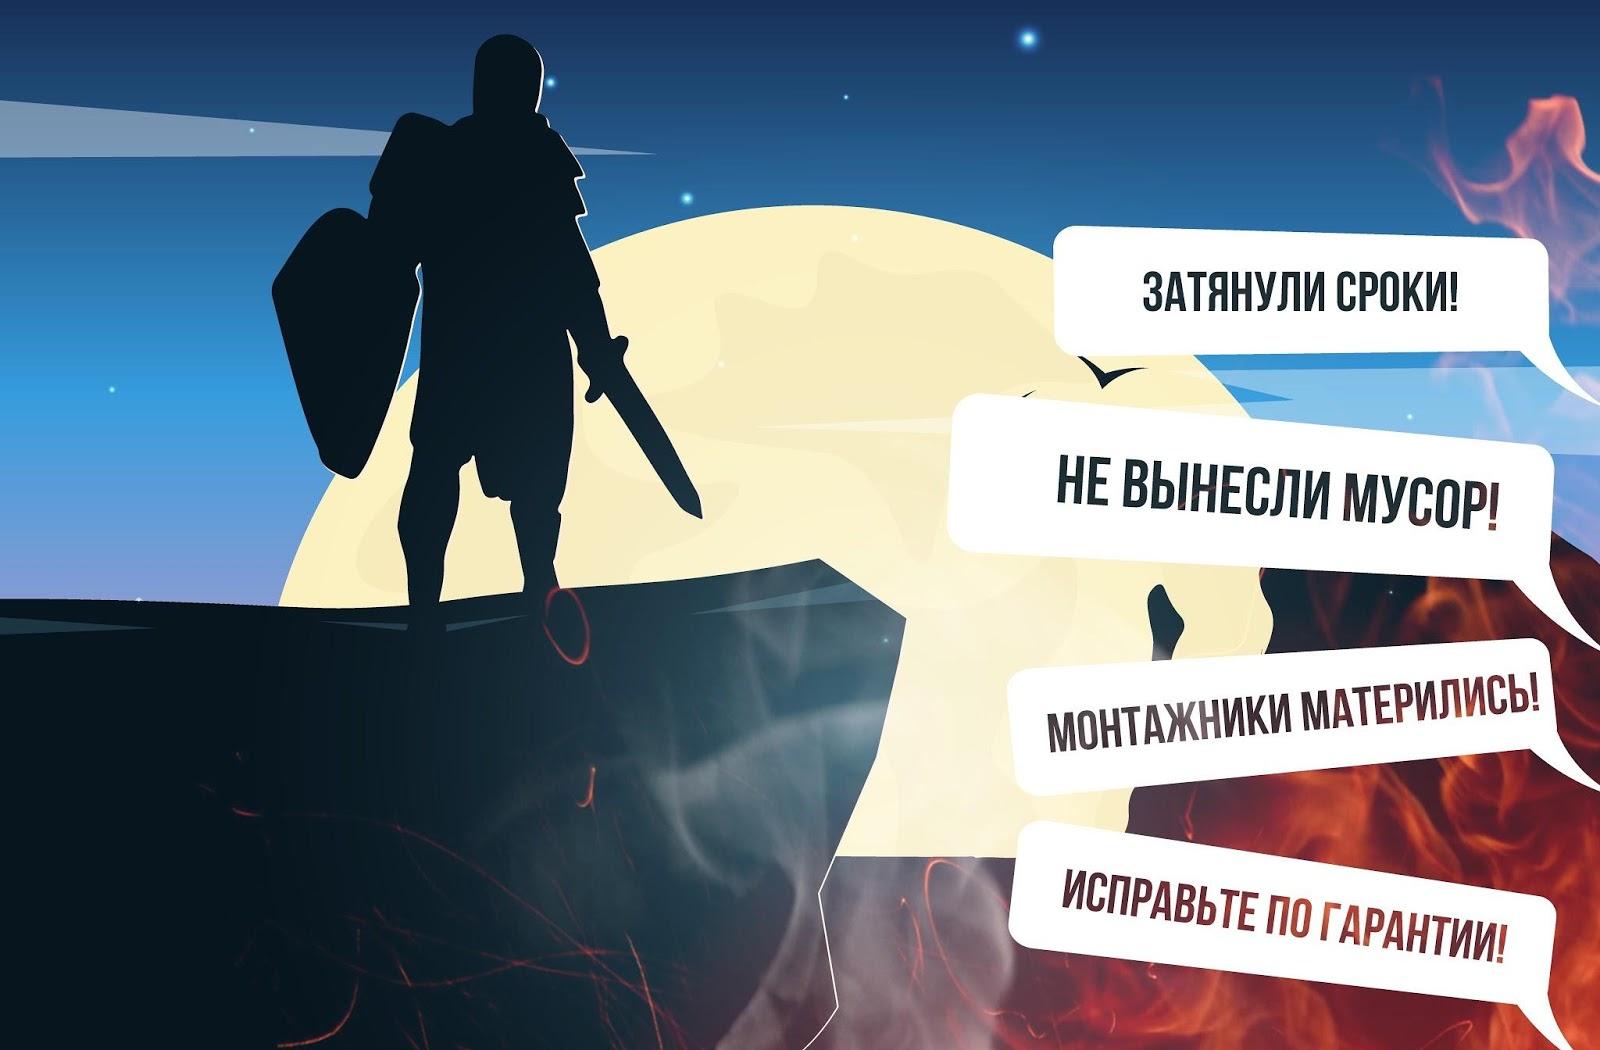 kak-okonshchikam-otrabatyvat-reklamacii-chtoby-klient-postavil-5-zvezdochnyj-otzyv